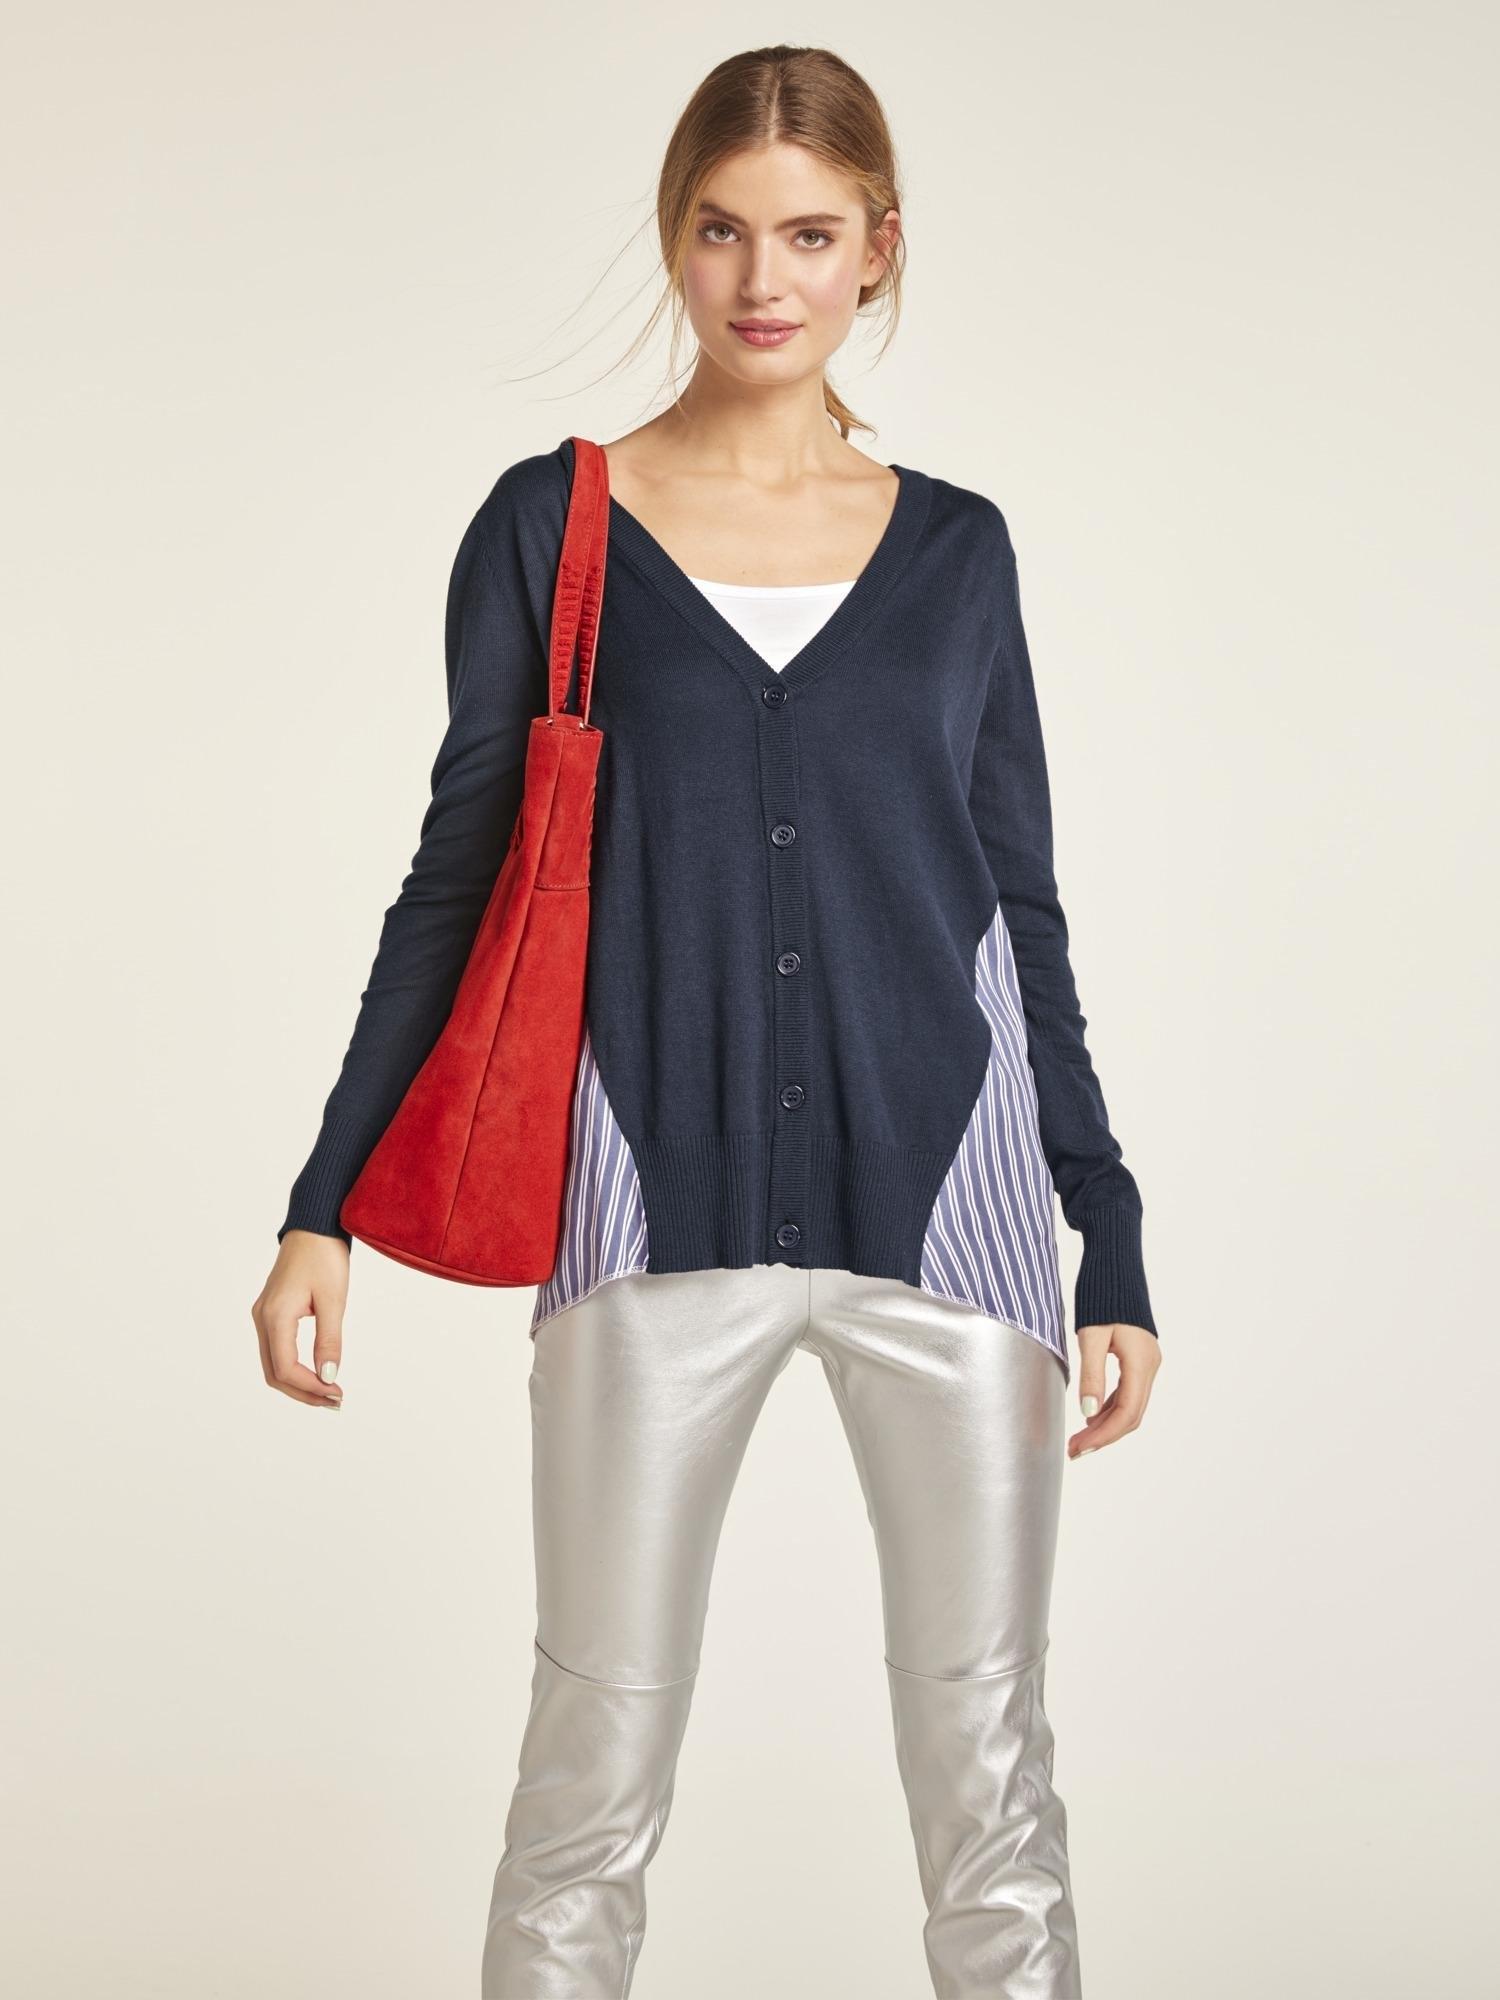 Op zoek naar een heine vest? Koop online bij OTTO